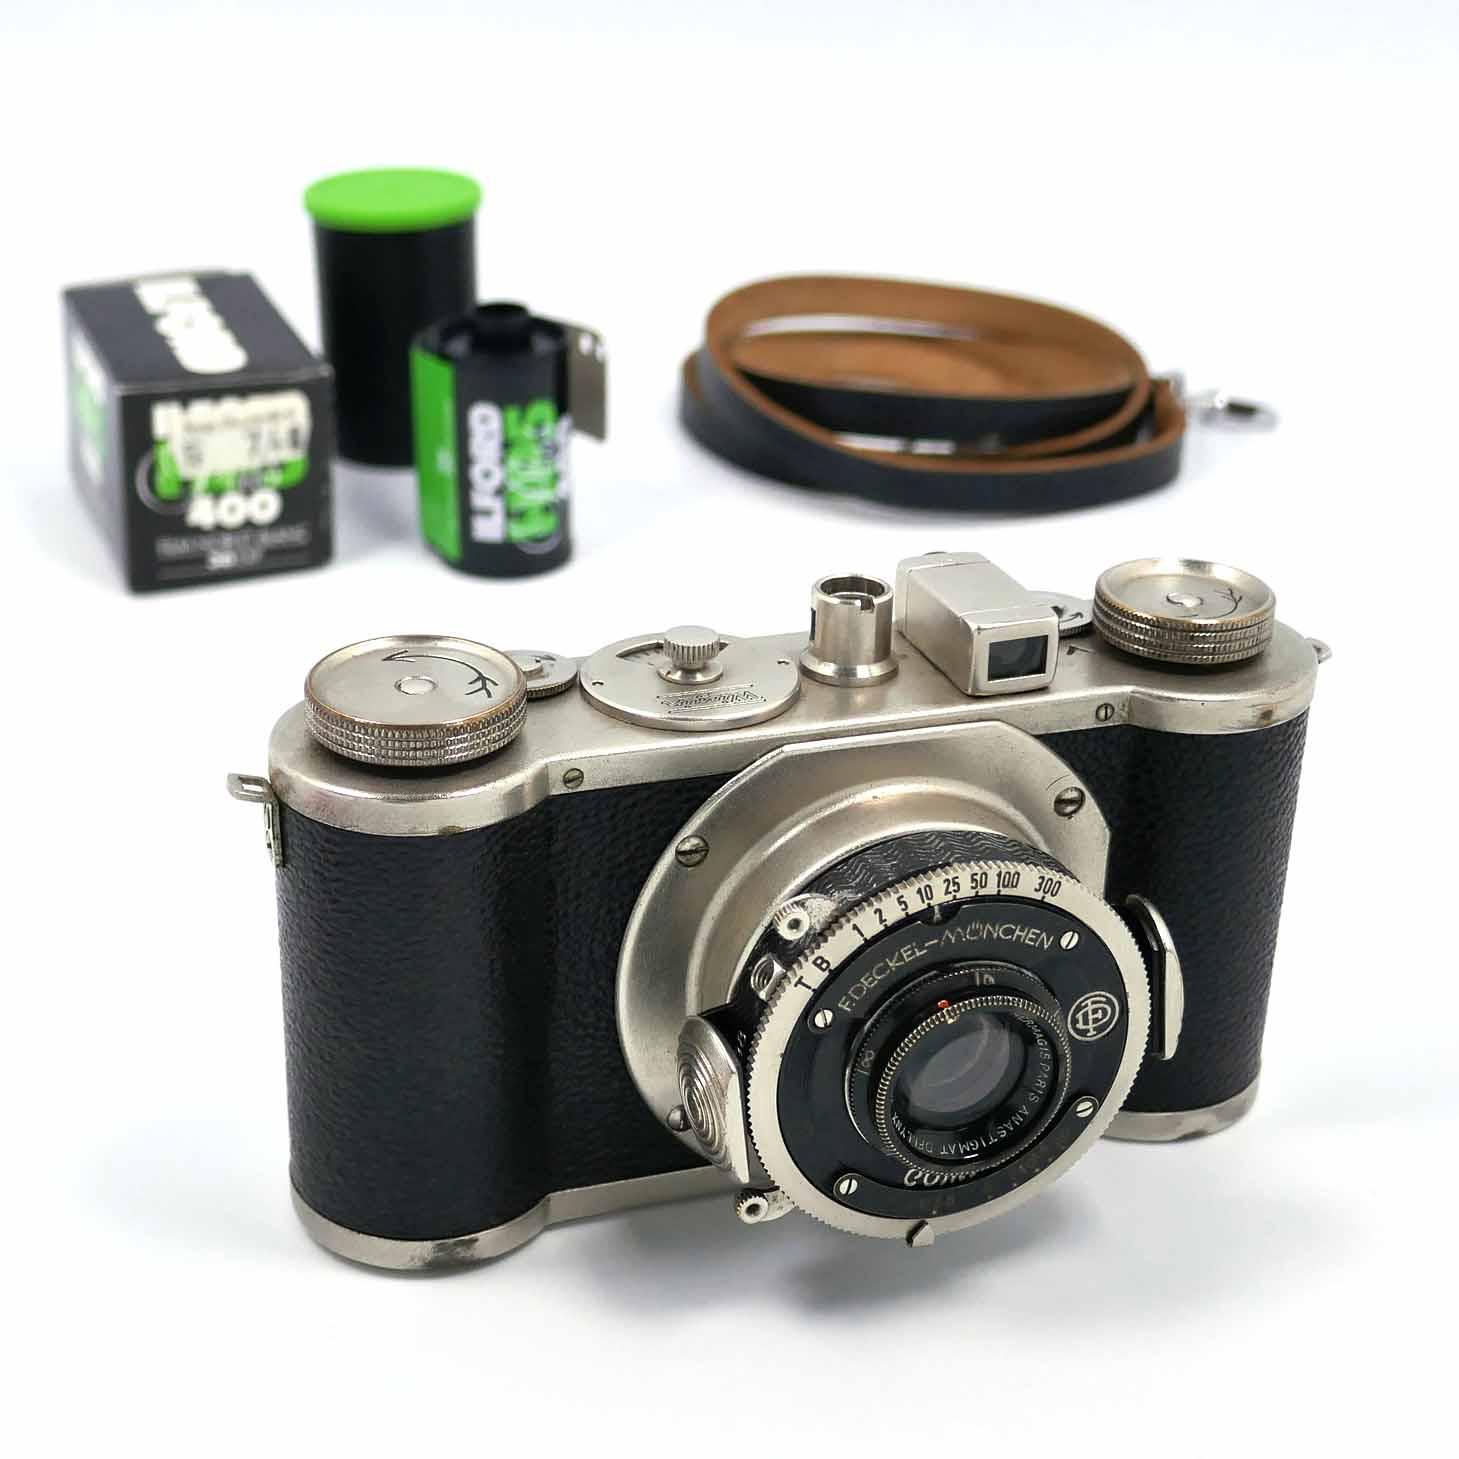 clean-cameras-wirgin-Edinex-0-08